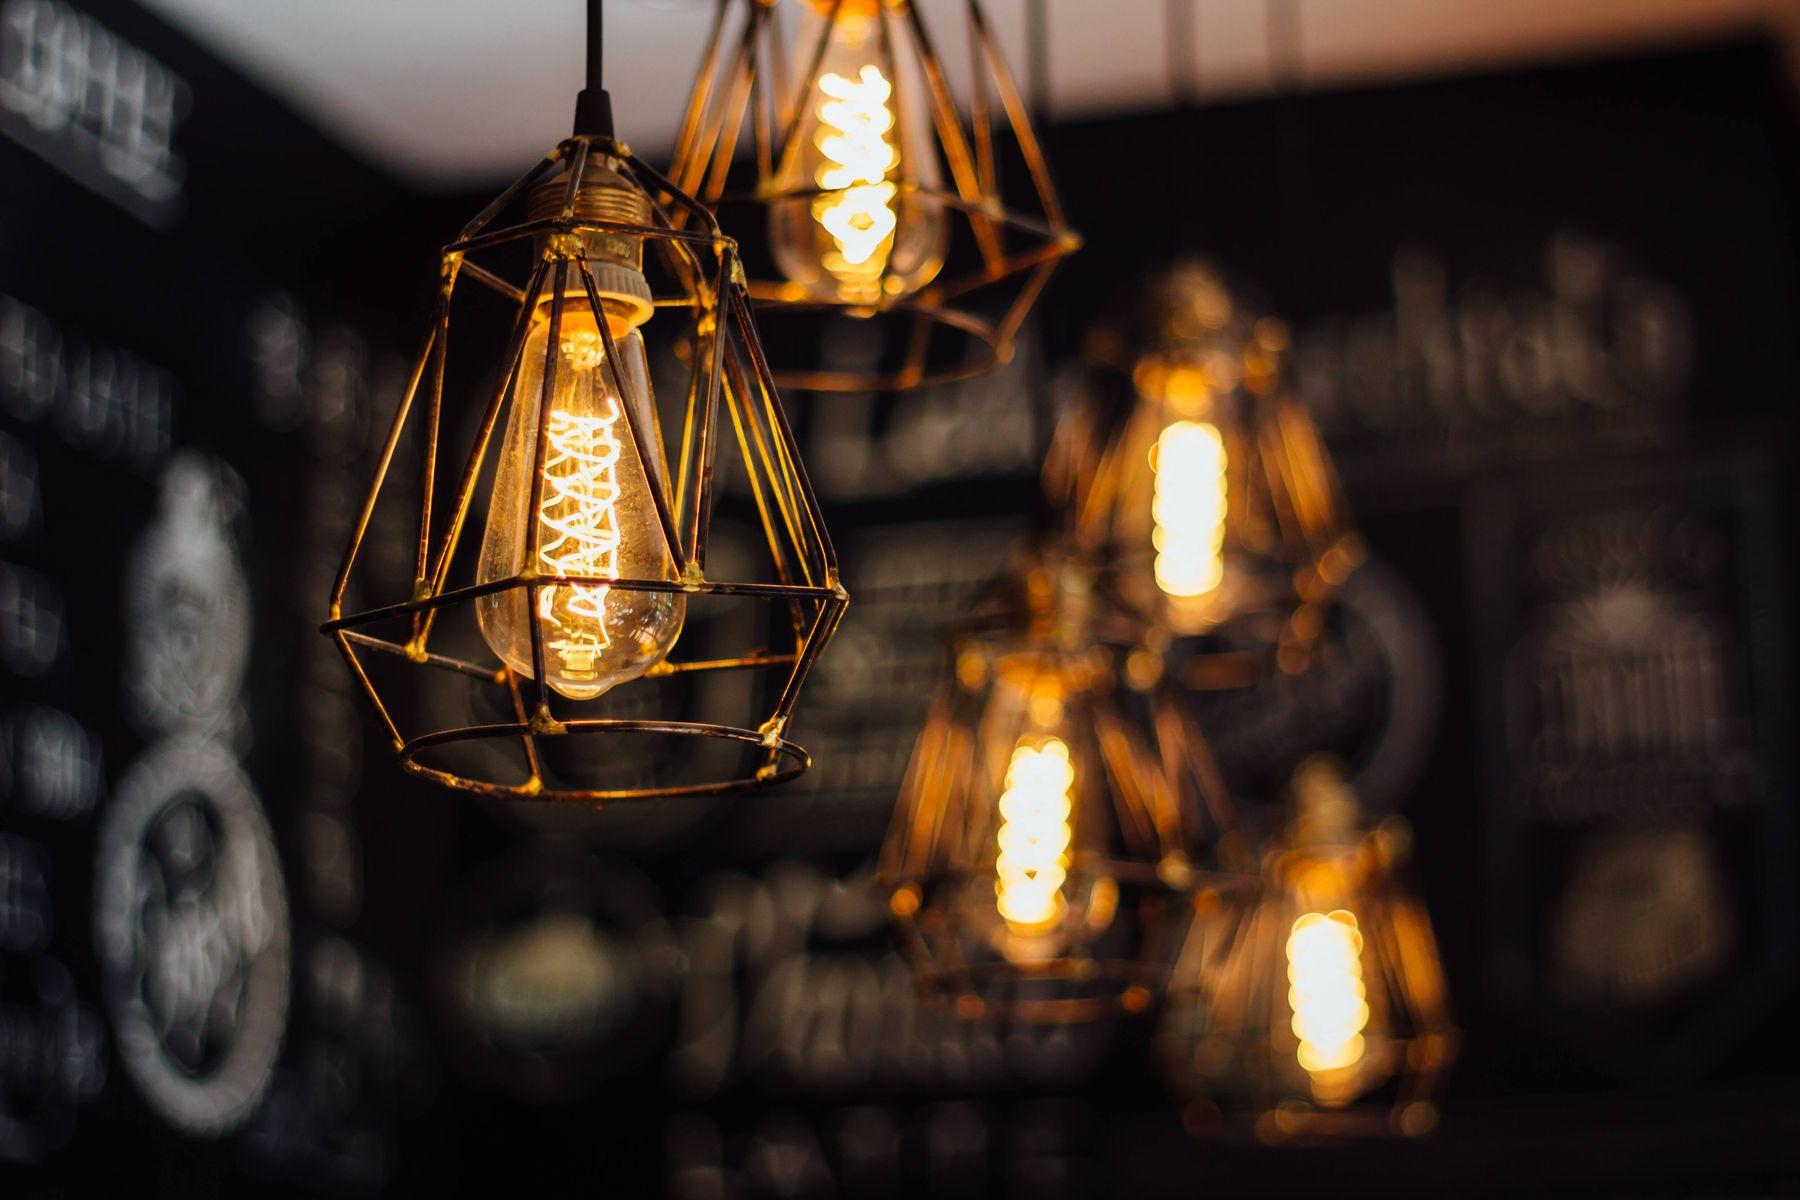 không bật điện quá mức để tiết kiệm điện